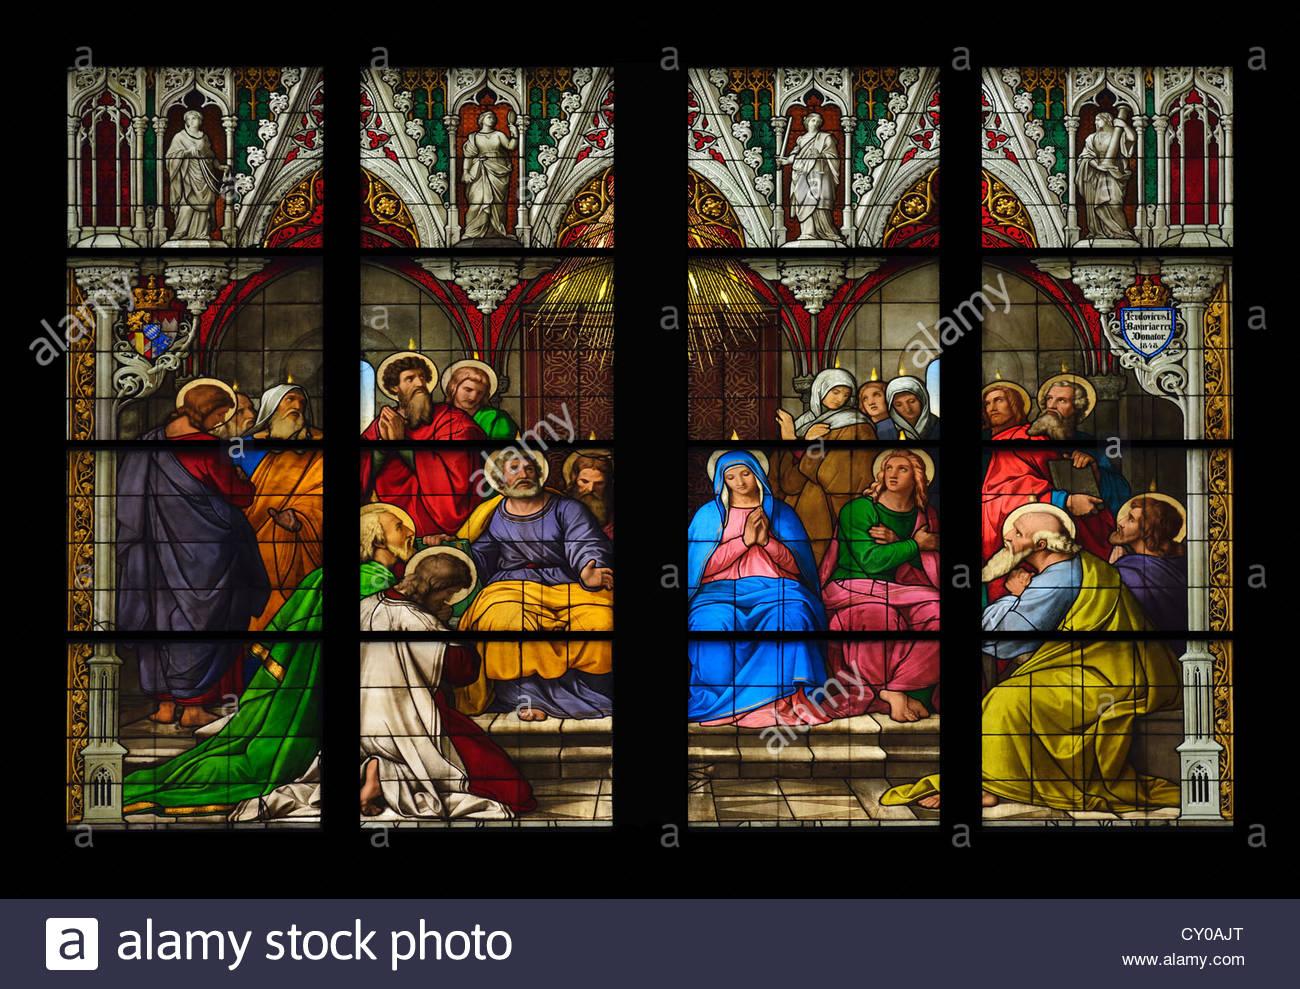 Parte central de la ventana Pfingstfenster, la venida del Espíritu Santo, la catedral de Colonia, Patrimonio Imagen De Stock